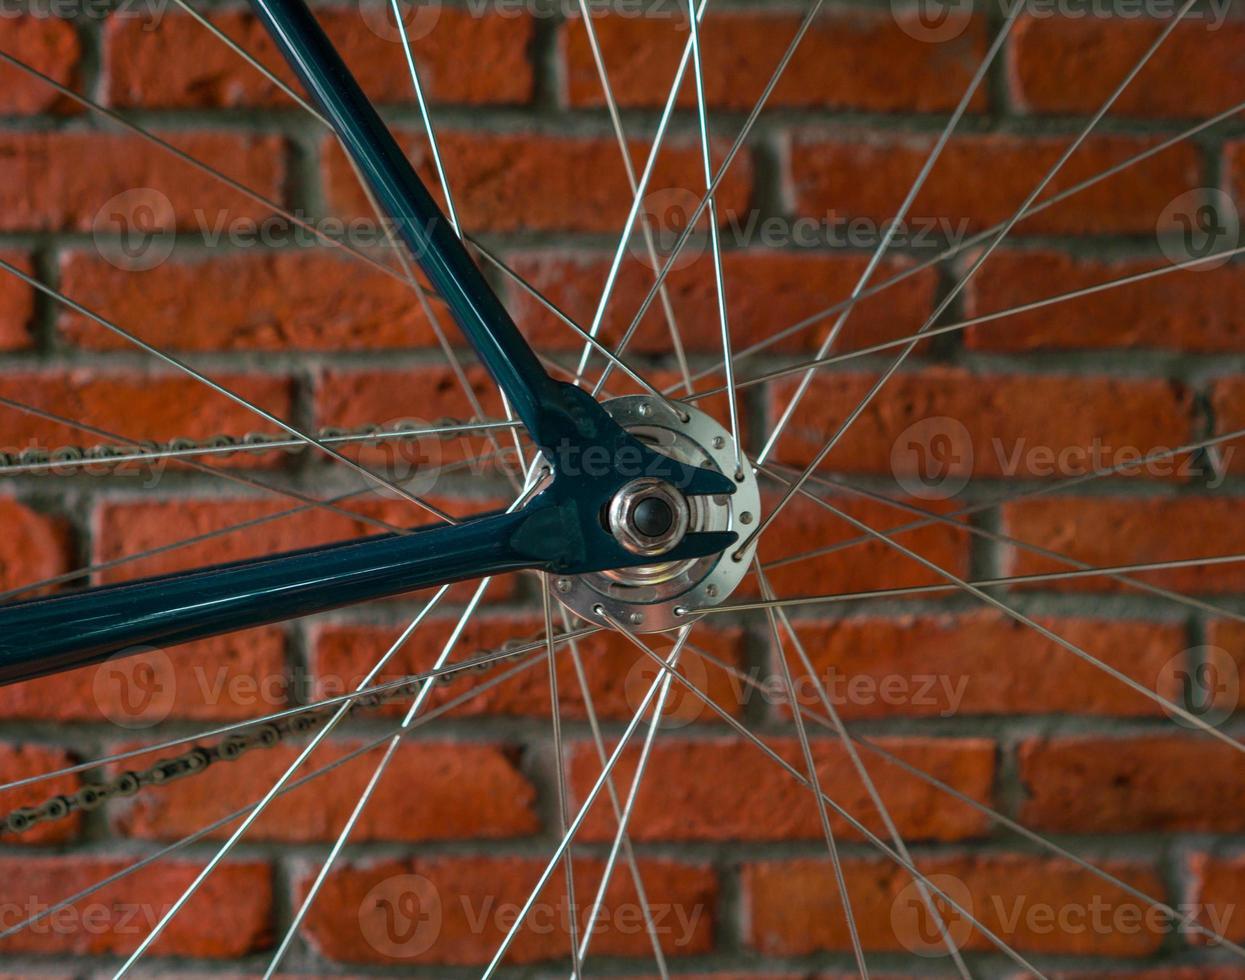 fiets kettingblad foto